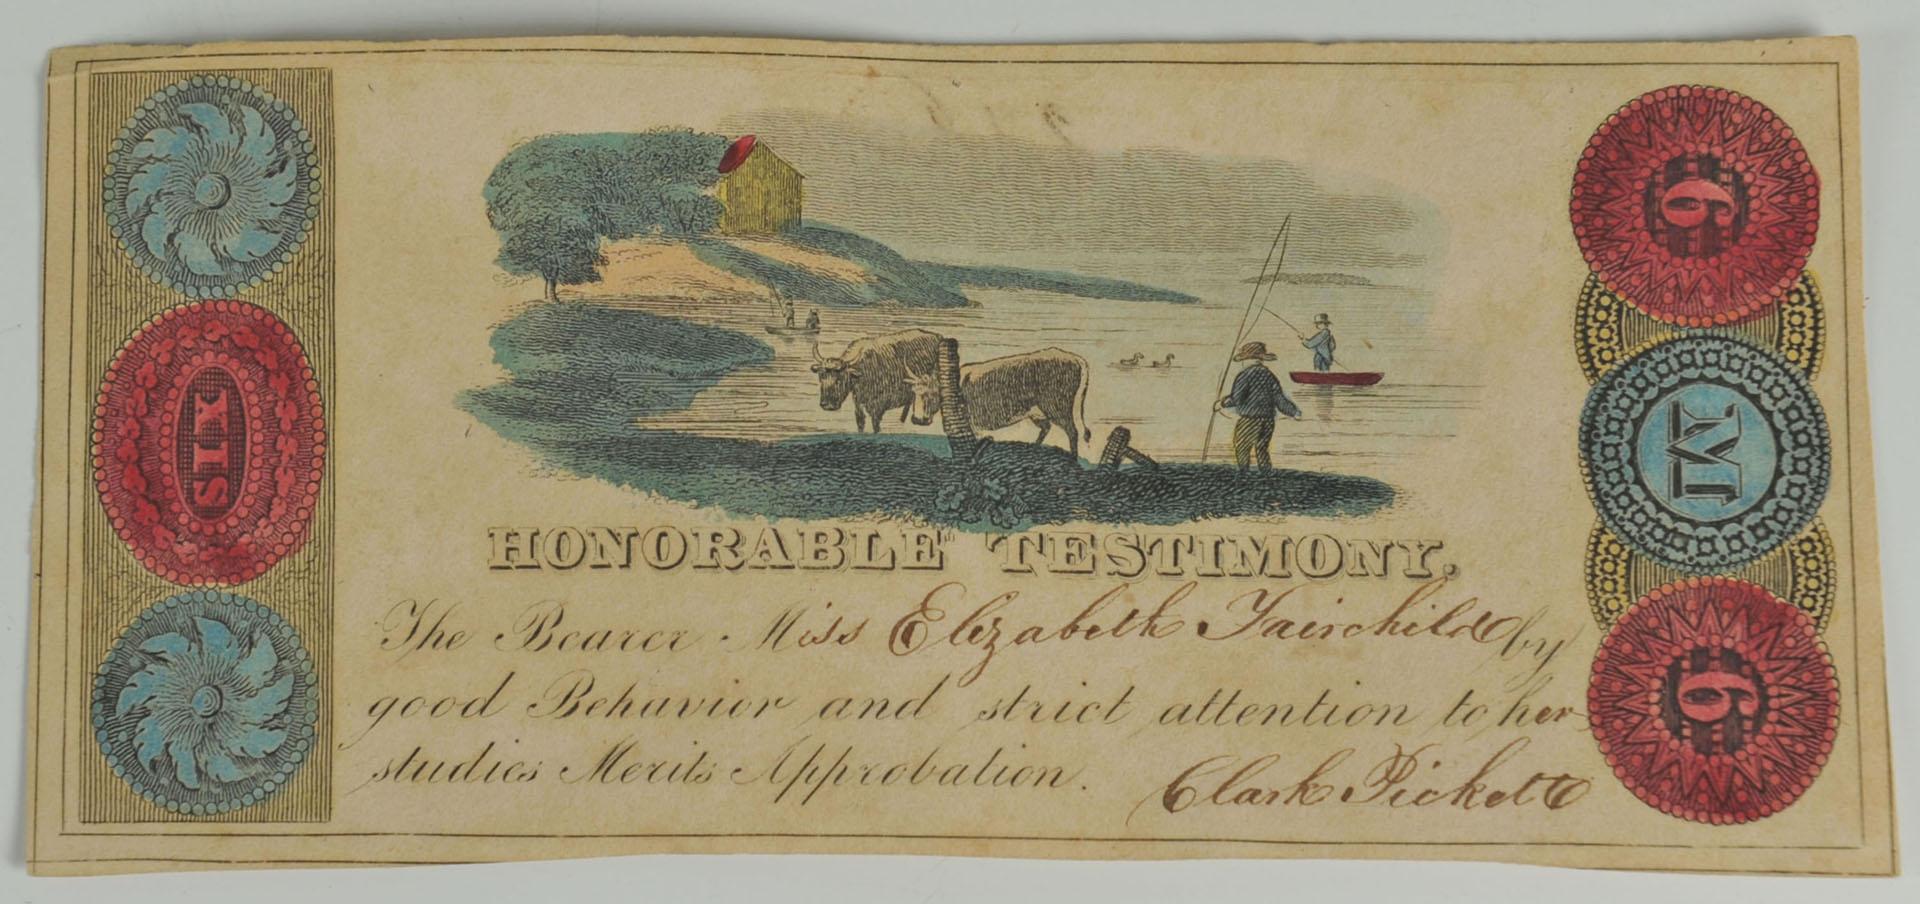 1827 Phinney's Stereotype Bible & Merit Cert